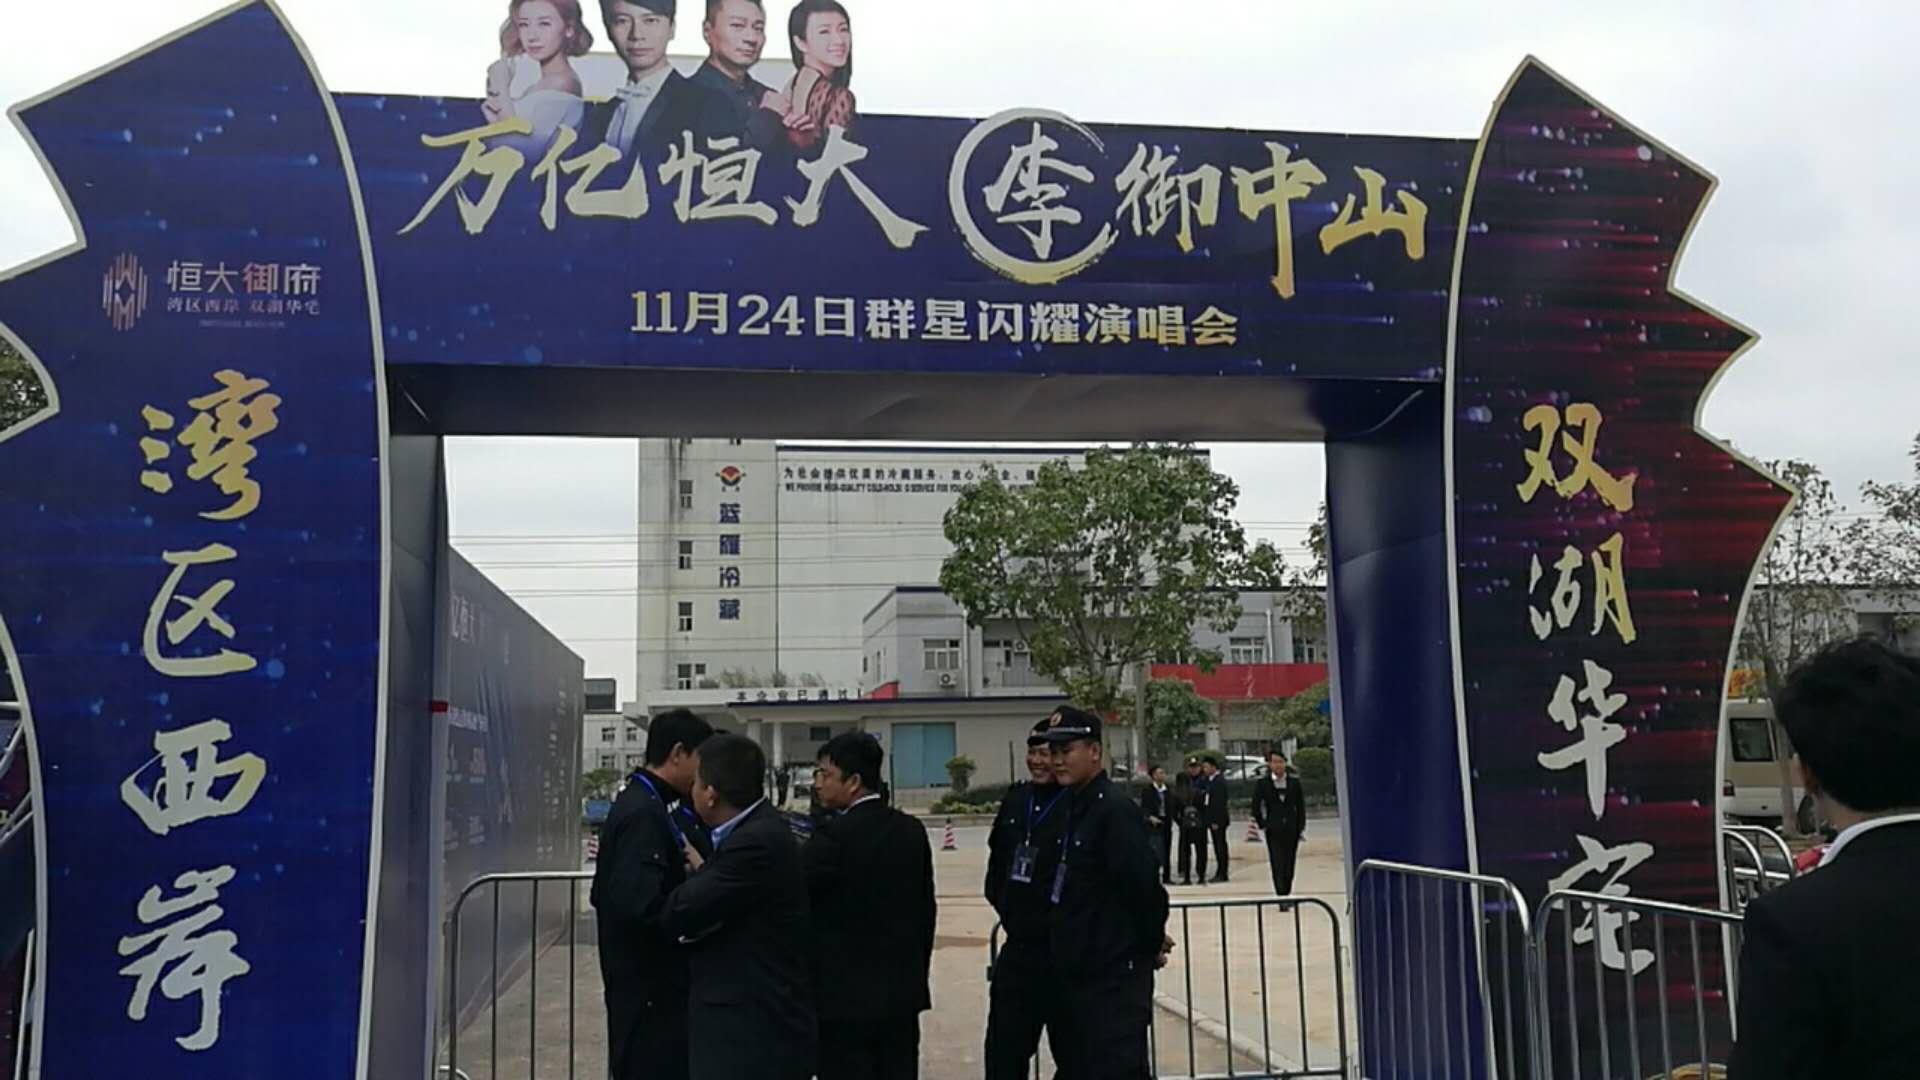 [中山]恒大御府将于11月24日举办群星闪耀演唱会大门